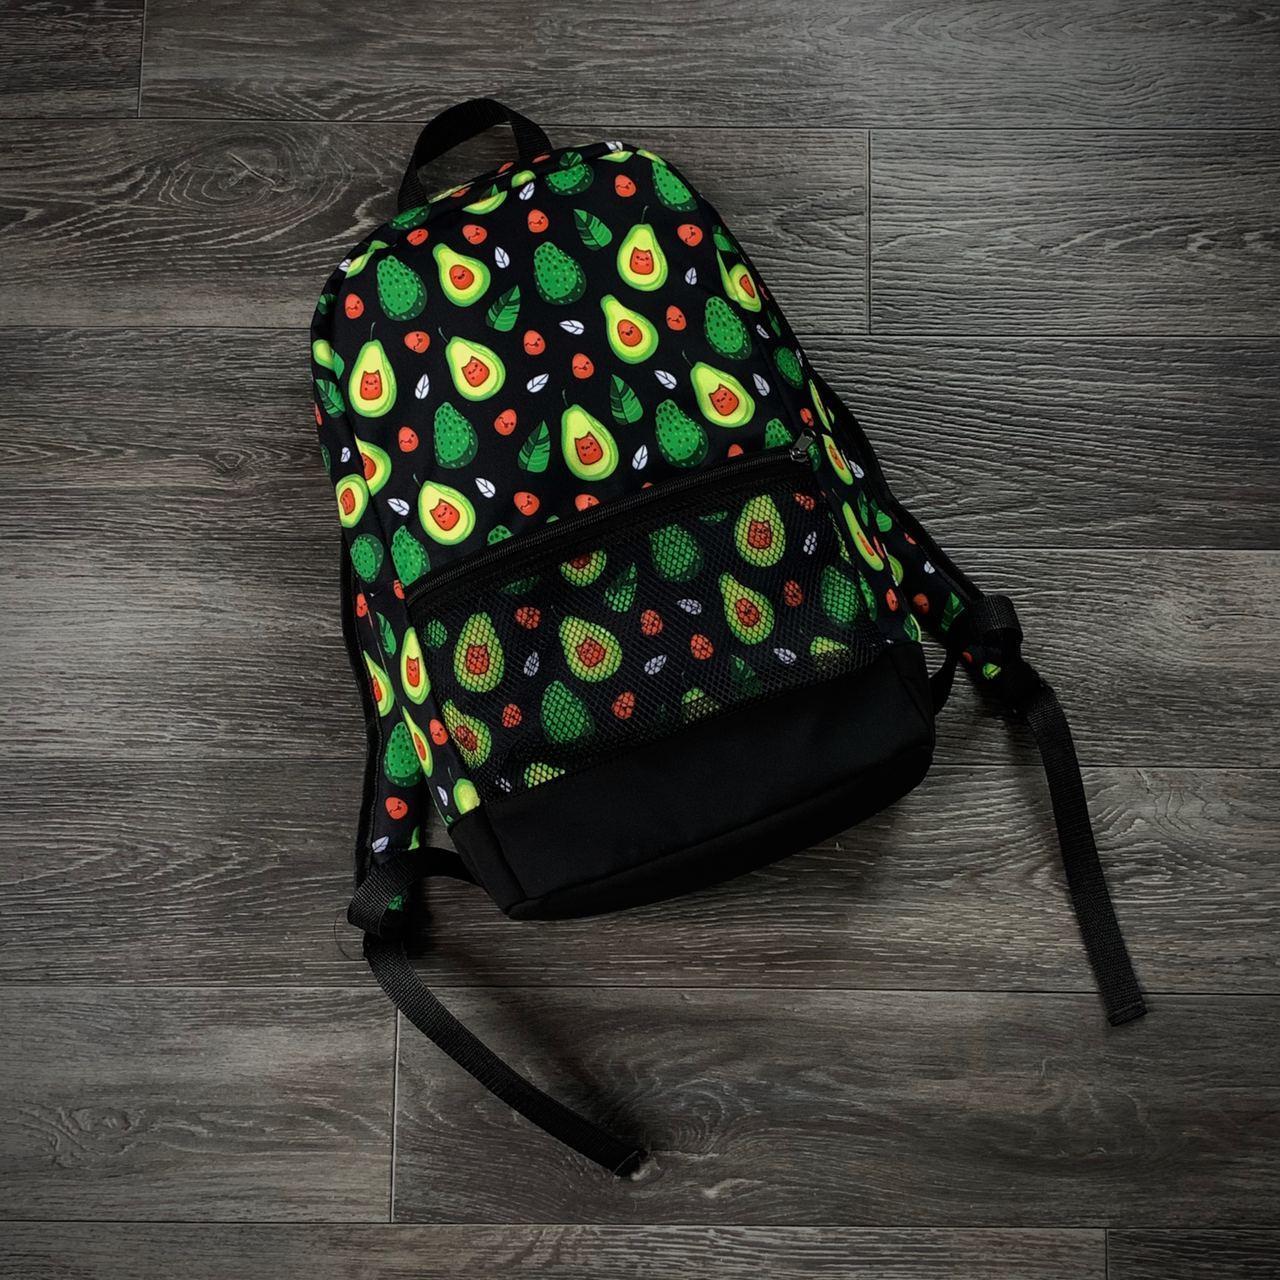 Рюкзак Avocado Жіночий   Чоловічий Міський для ноутбука авокадо чорний